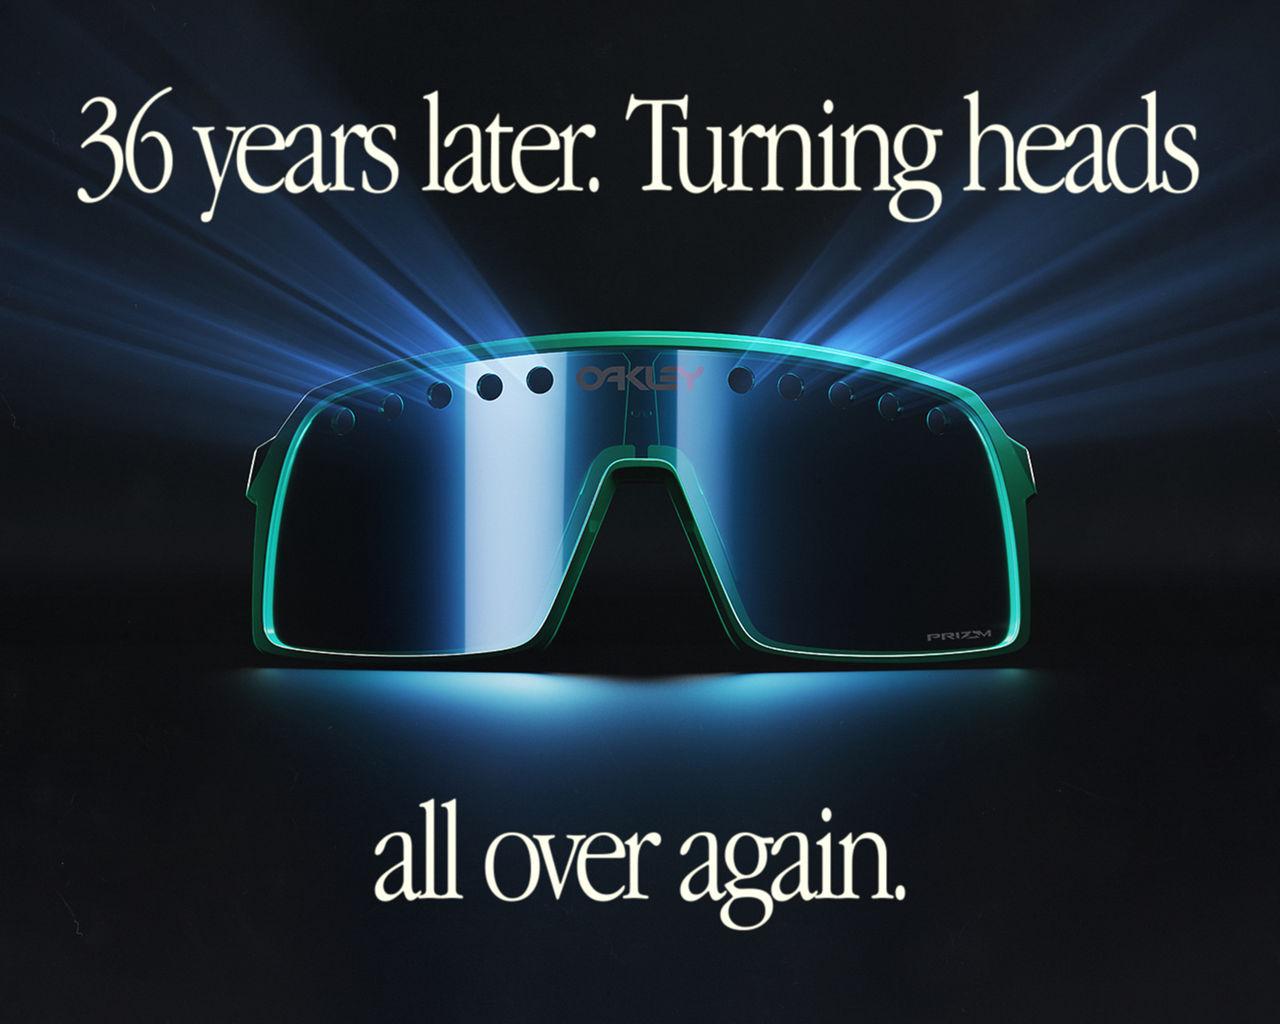 Oakley uppdaterar klassiska solglasögon